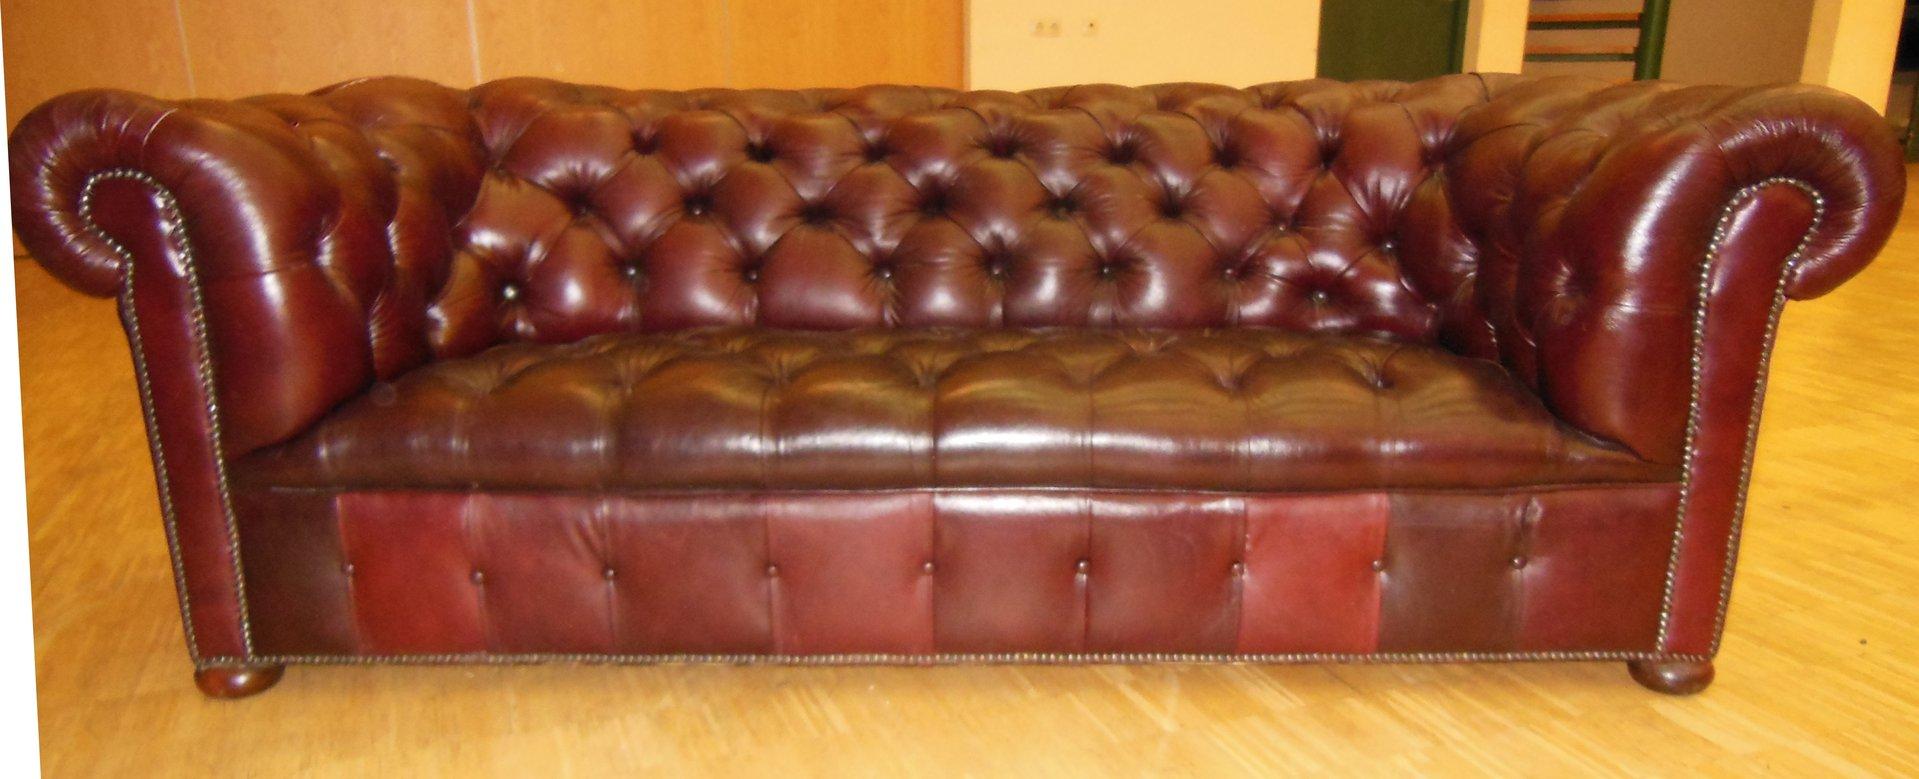 Full Size of Sofa Englisch Englische Orginale 3 Sitzer Chesterfield Couch Weinrotes Leder Zum Megapol überzug Bunt Hannover Barock Marken Benz Günstig Kaufen Creme Husse Sofa Sofa Englisch